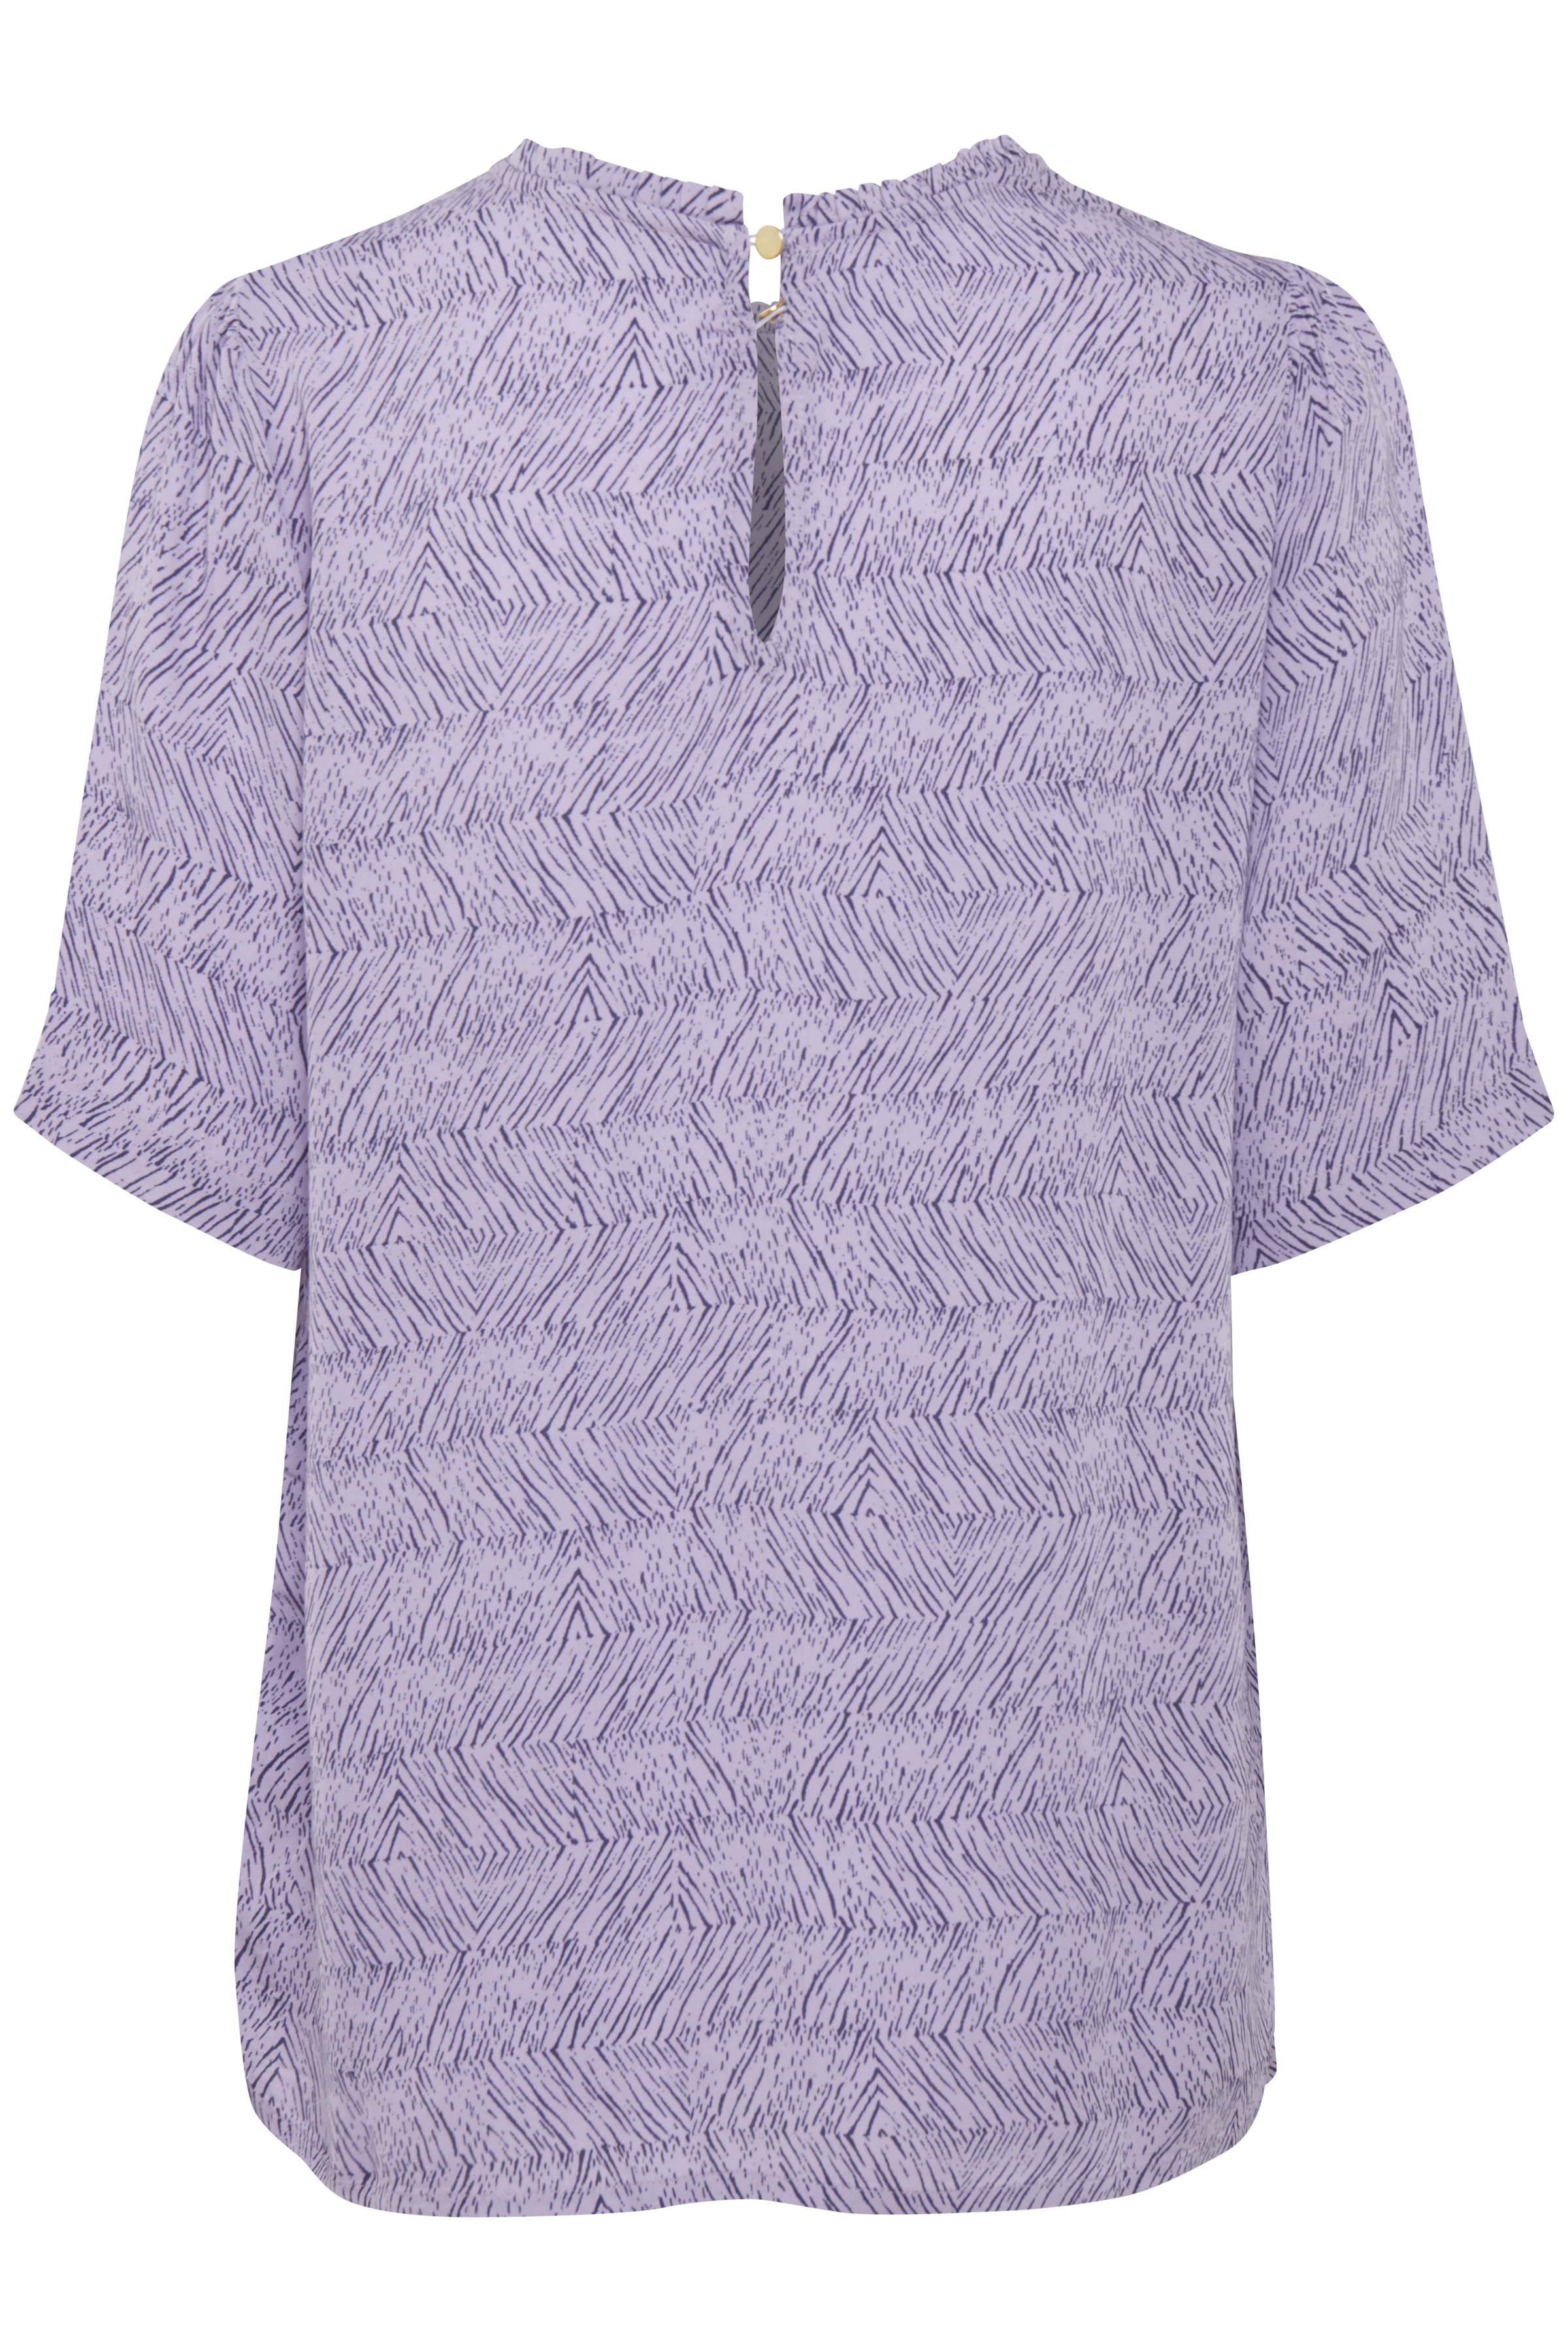 Misty paars/donkerpaars Korte mouwen shirt  van Dranella – Door Misty paars/donkerpaars Korte mouwen shirt  van maat. XS-XXL hier